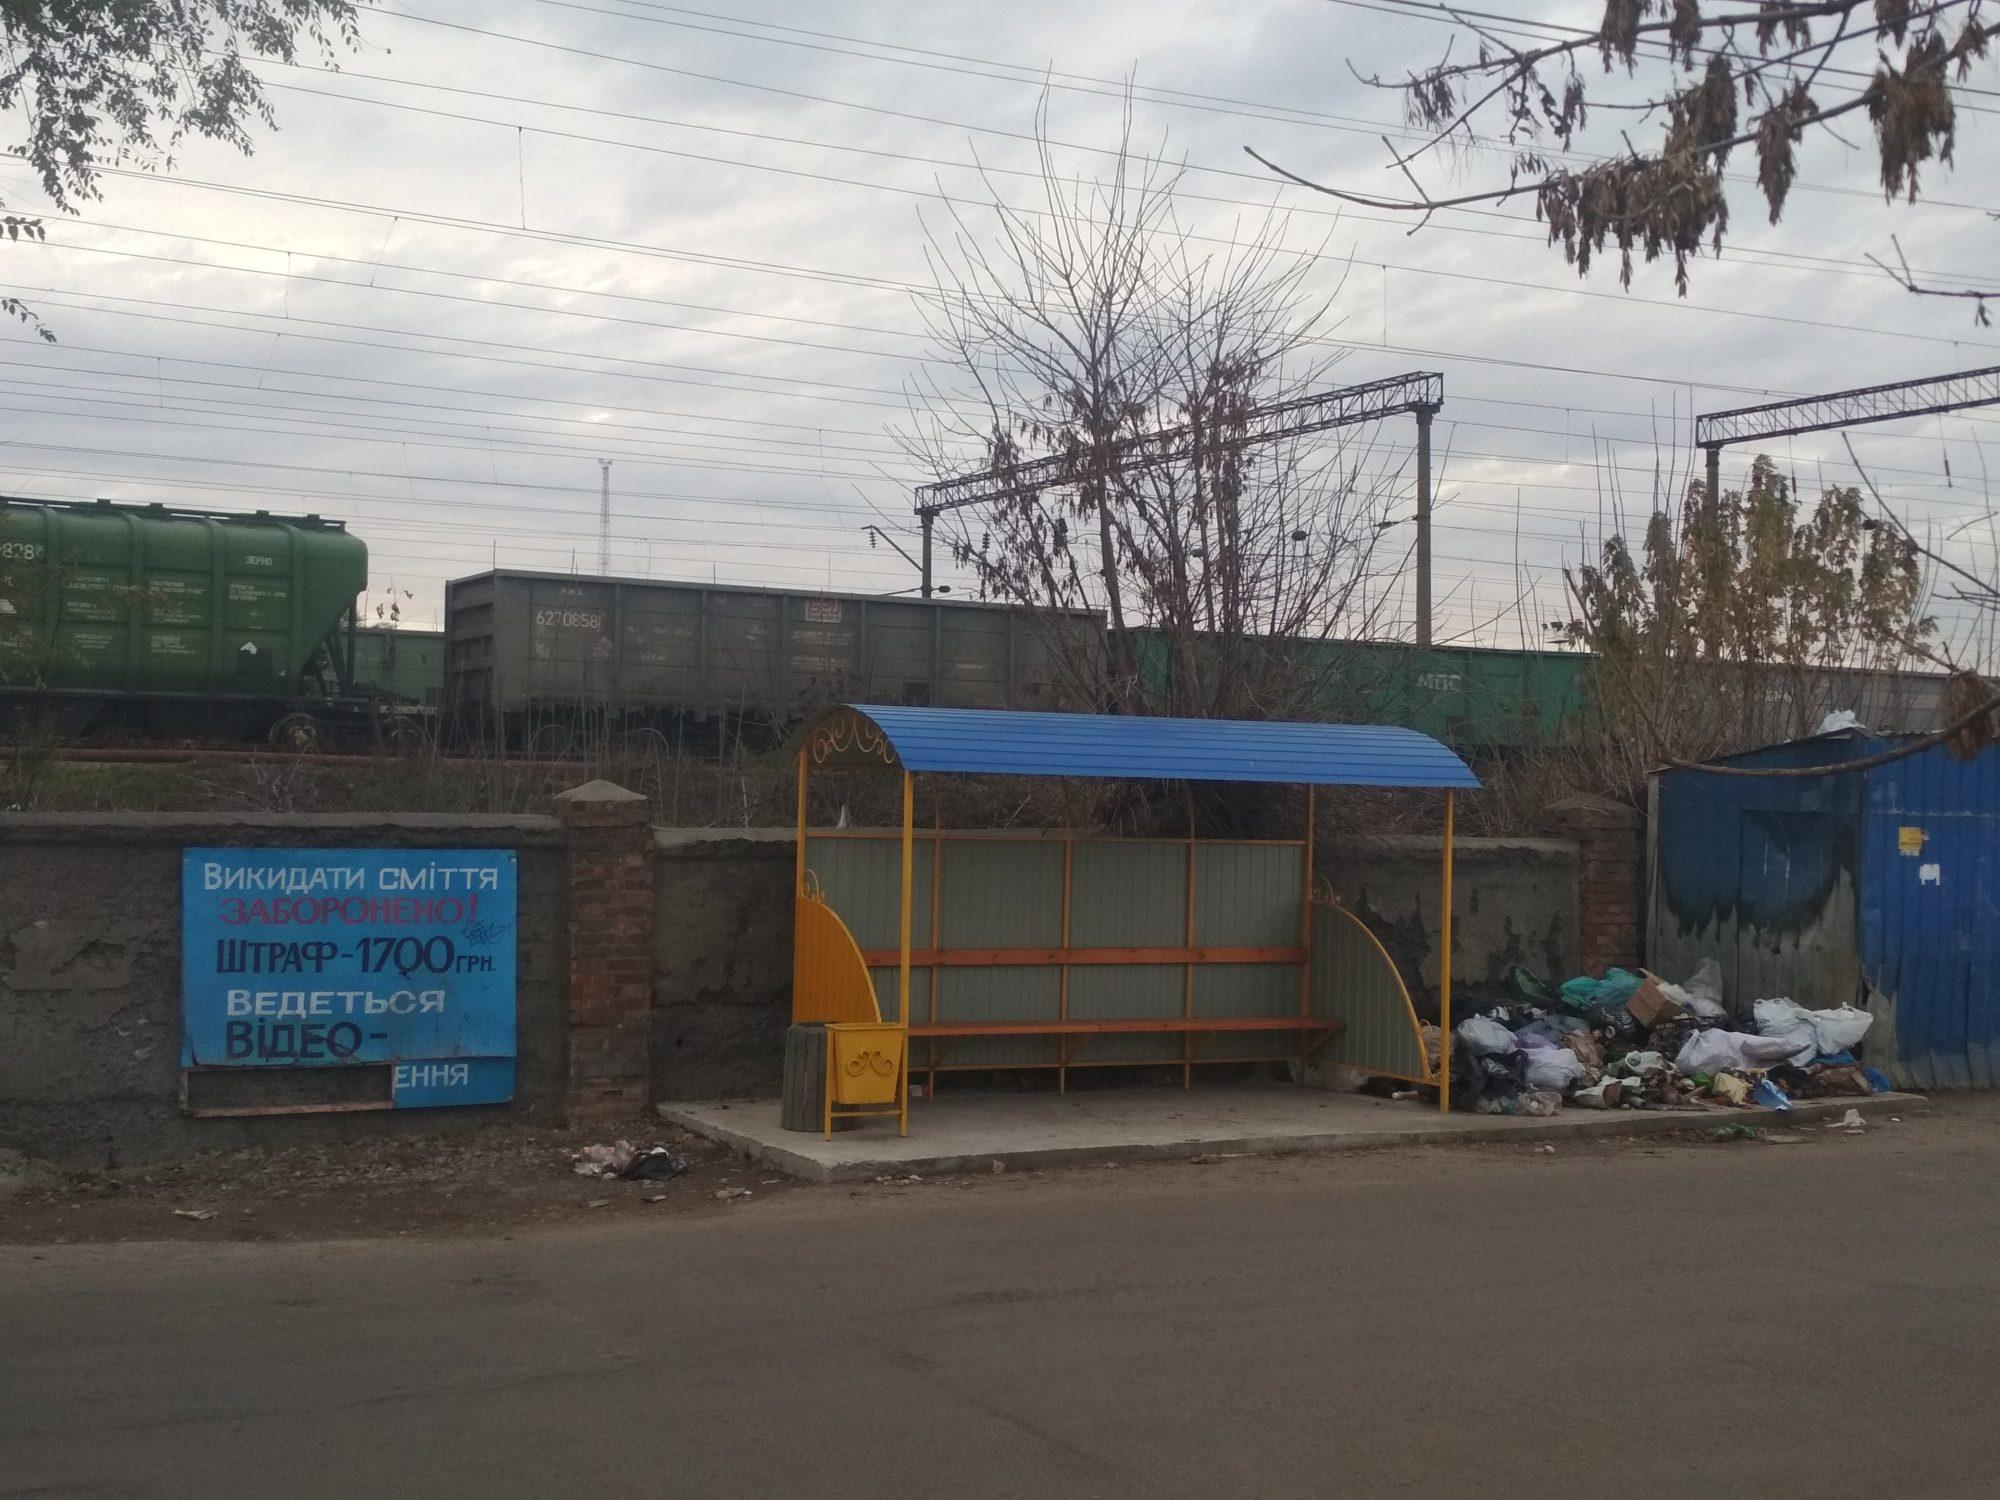 IMG_20191106_155031-2000x1500 У Фастові на місці стихійного сміттєзвалища встановили автобусну зупинку